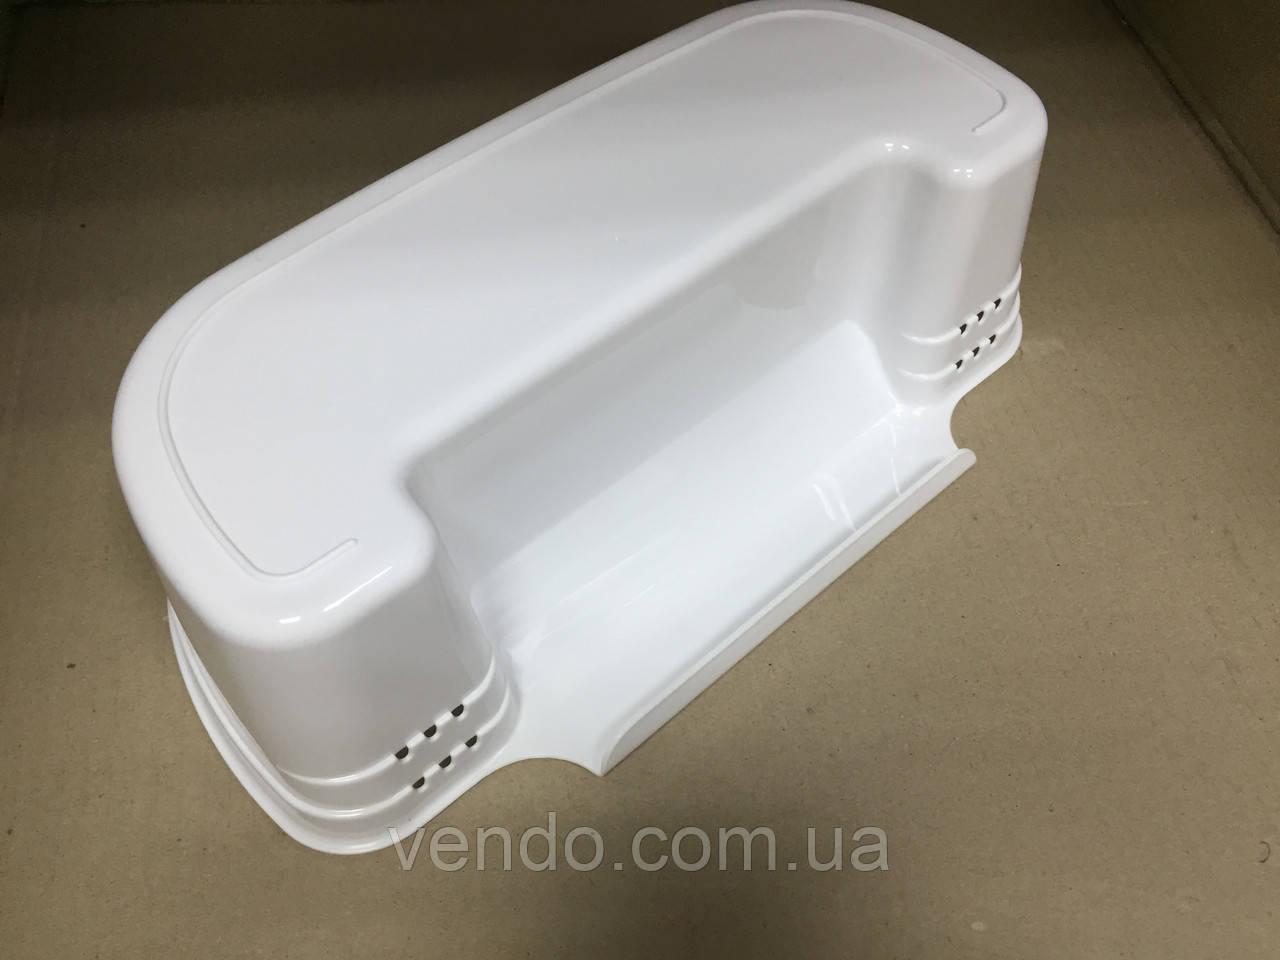 Ведро-контейнер навесное на дверцу мебели для мелкого мусора 4